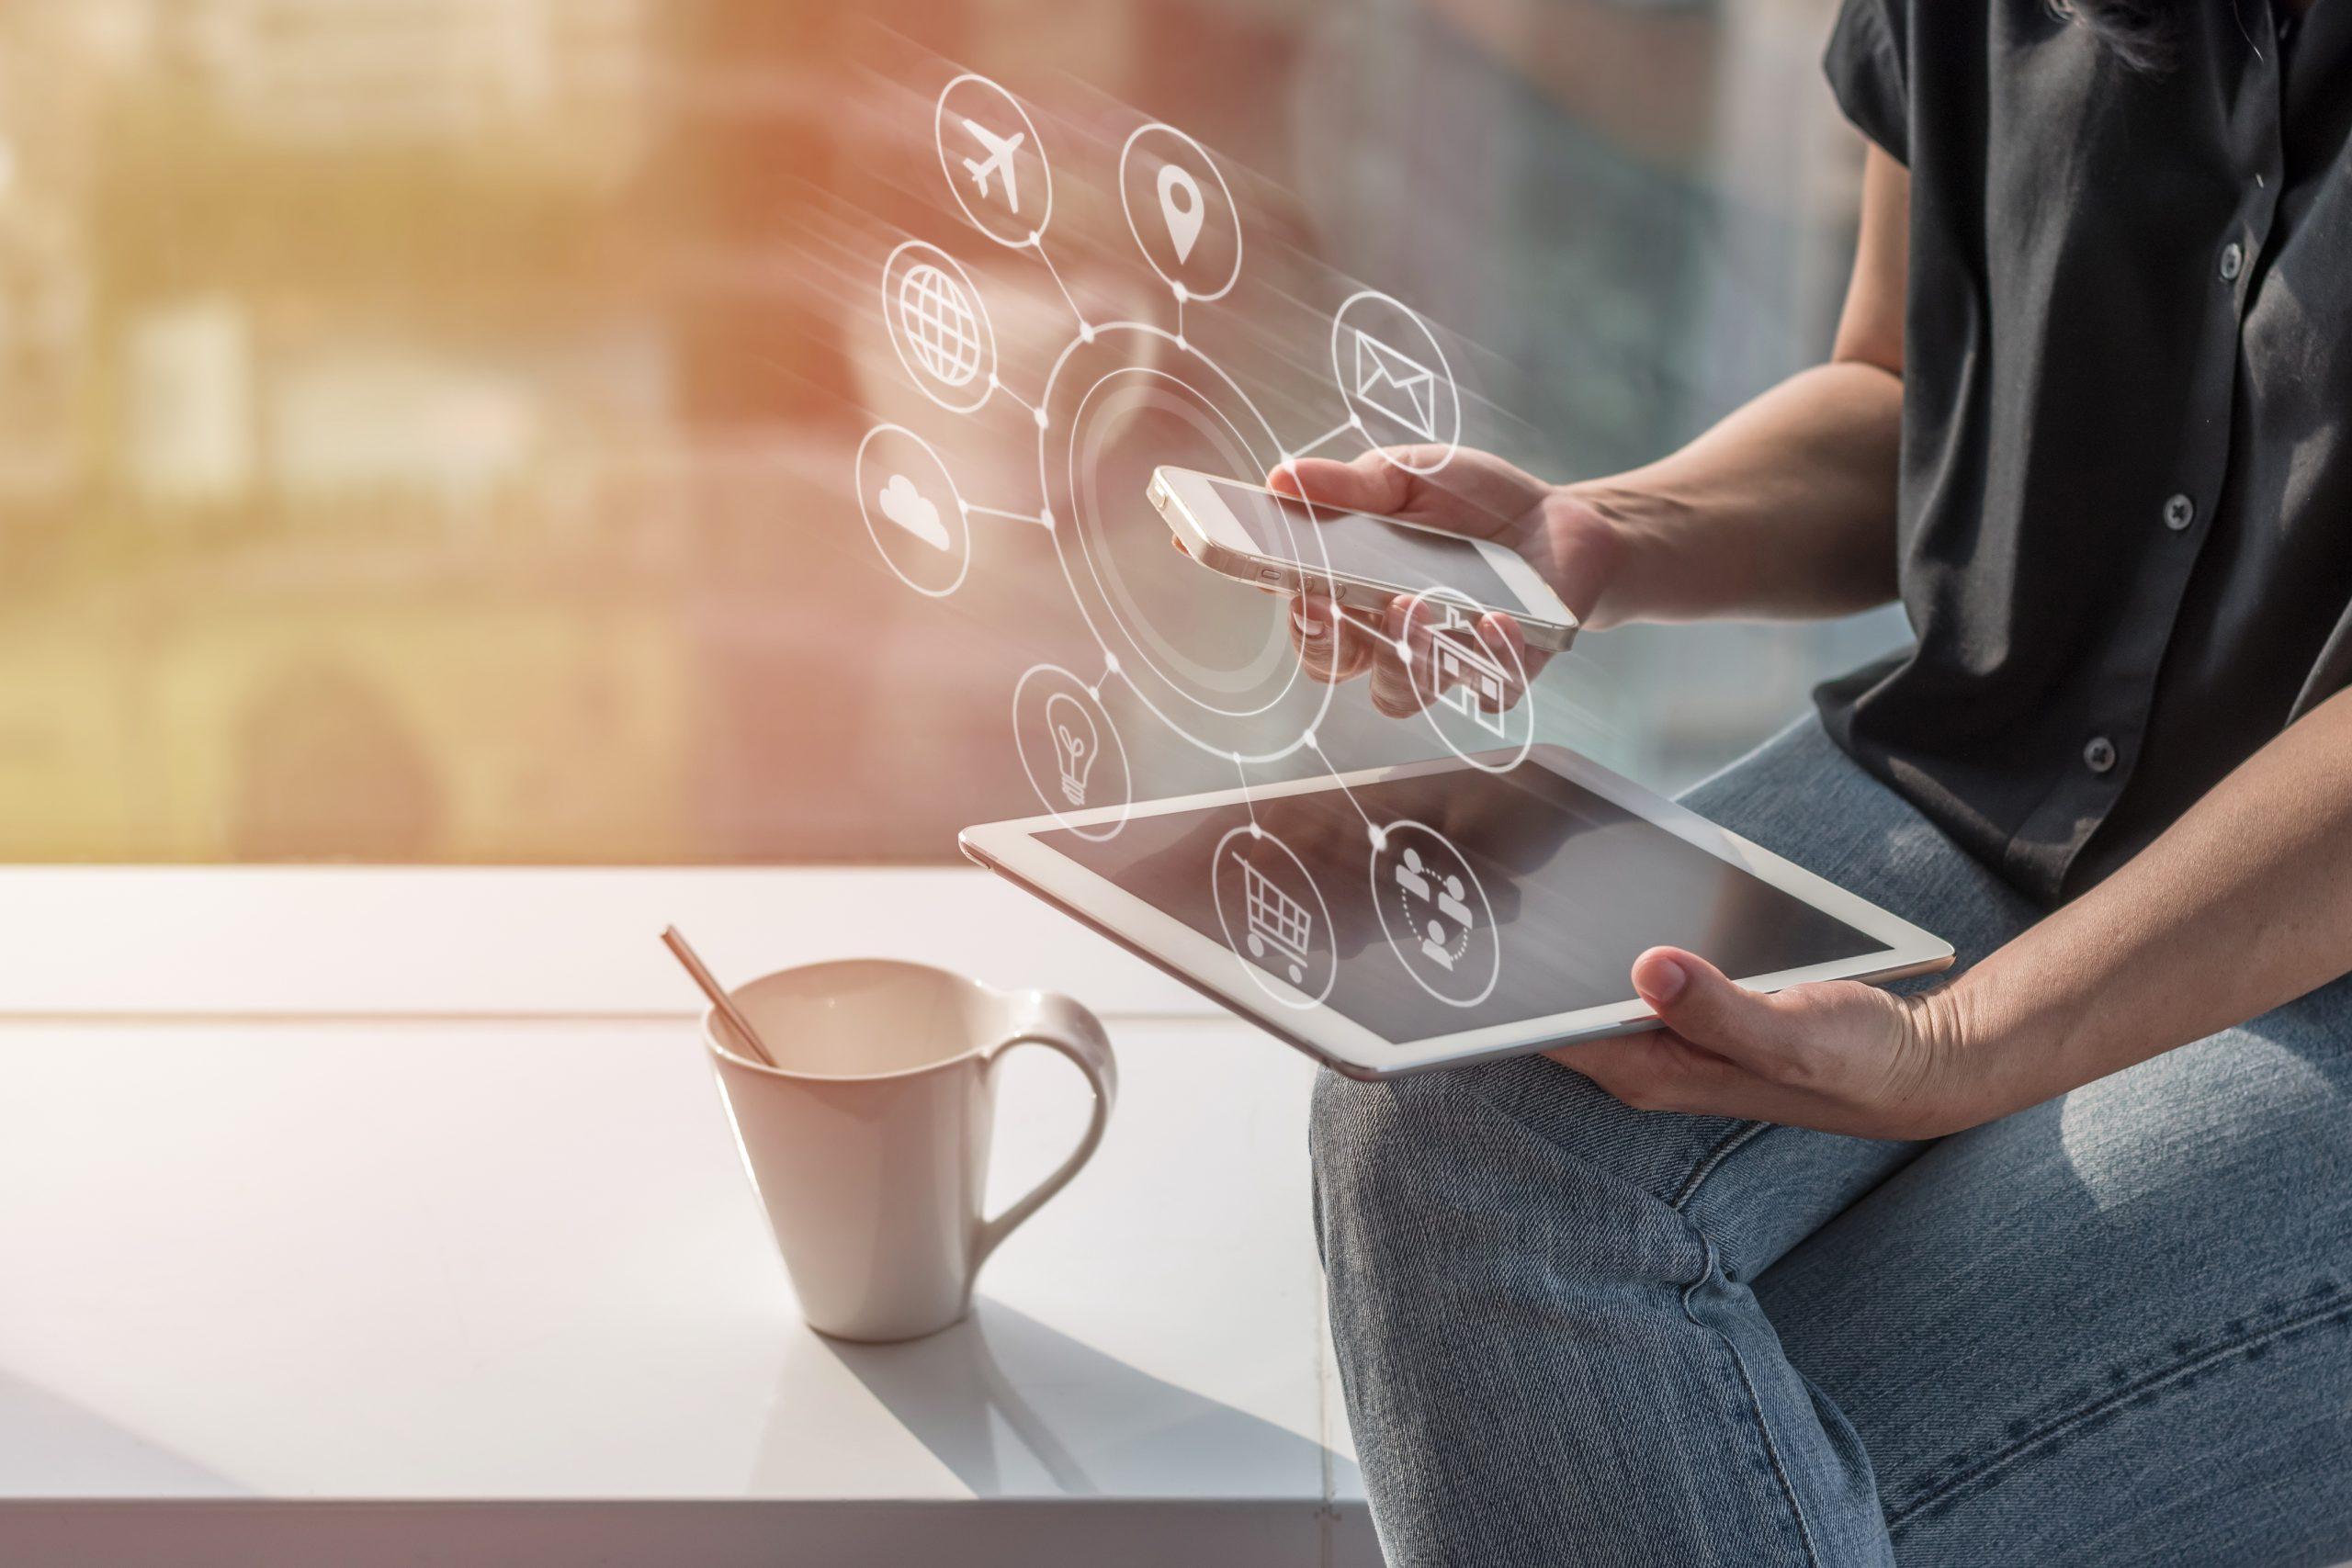 Consumidor 5.0: saiba como proporcionar uma experiência de atendimento ainda melhor